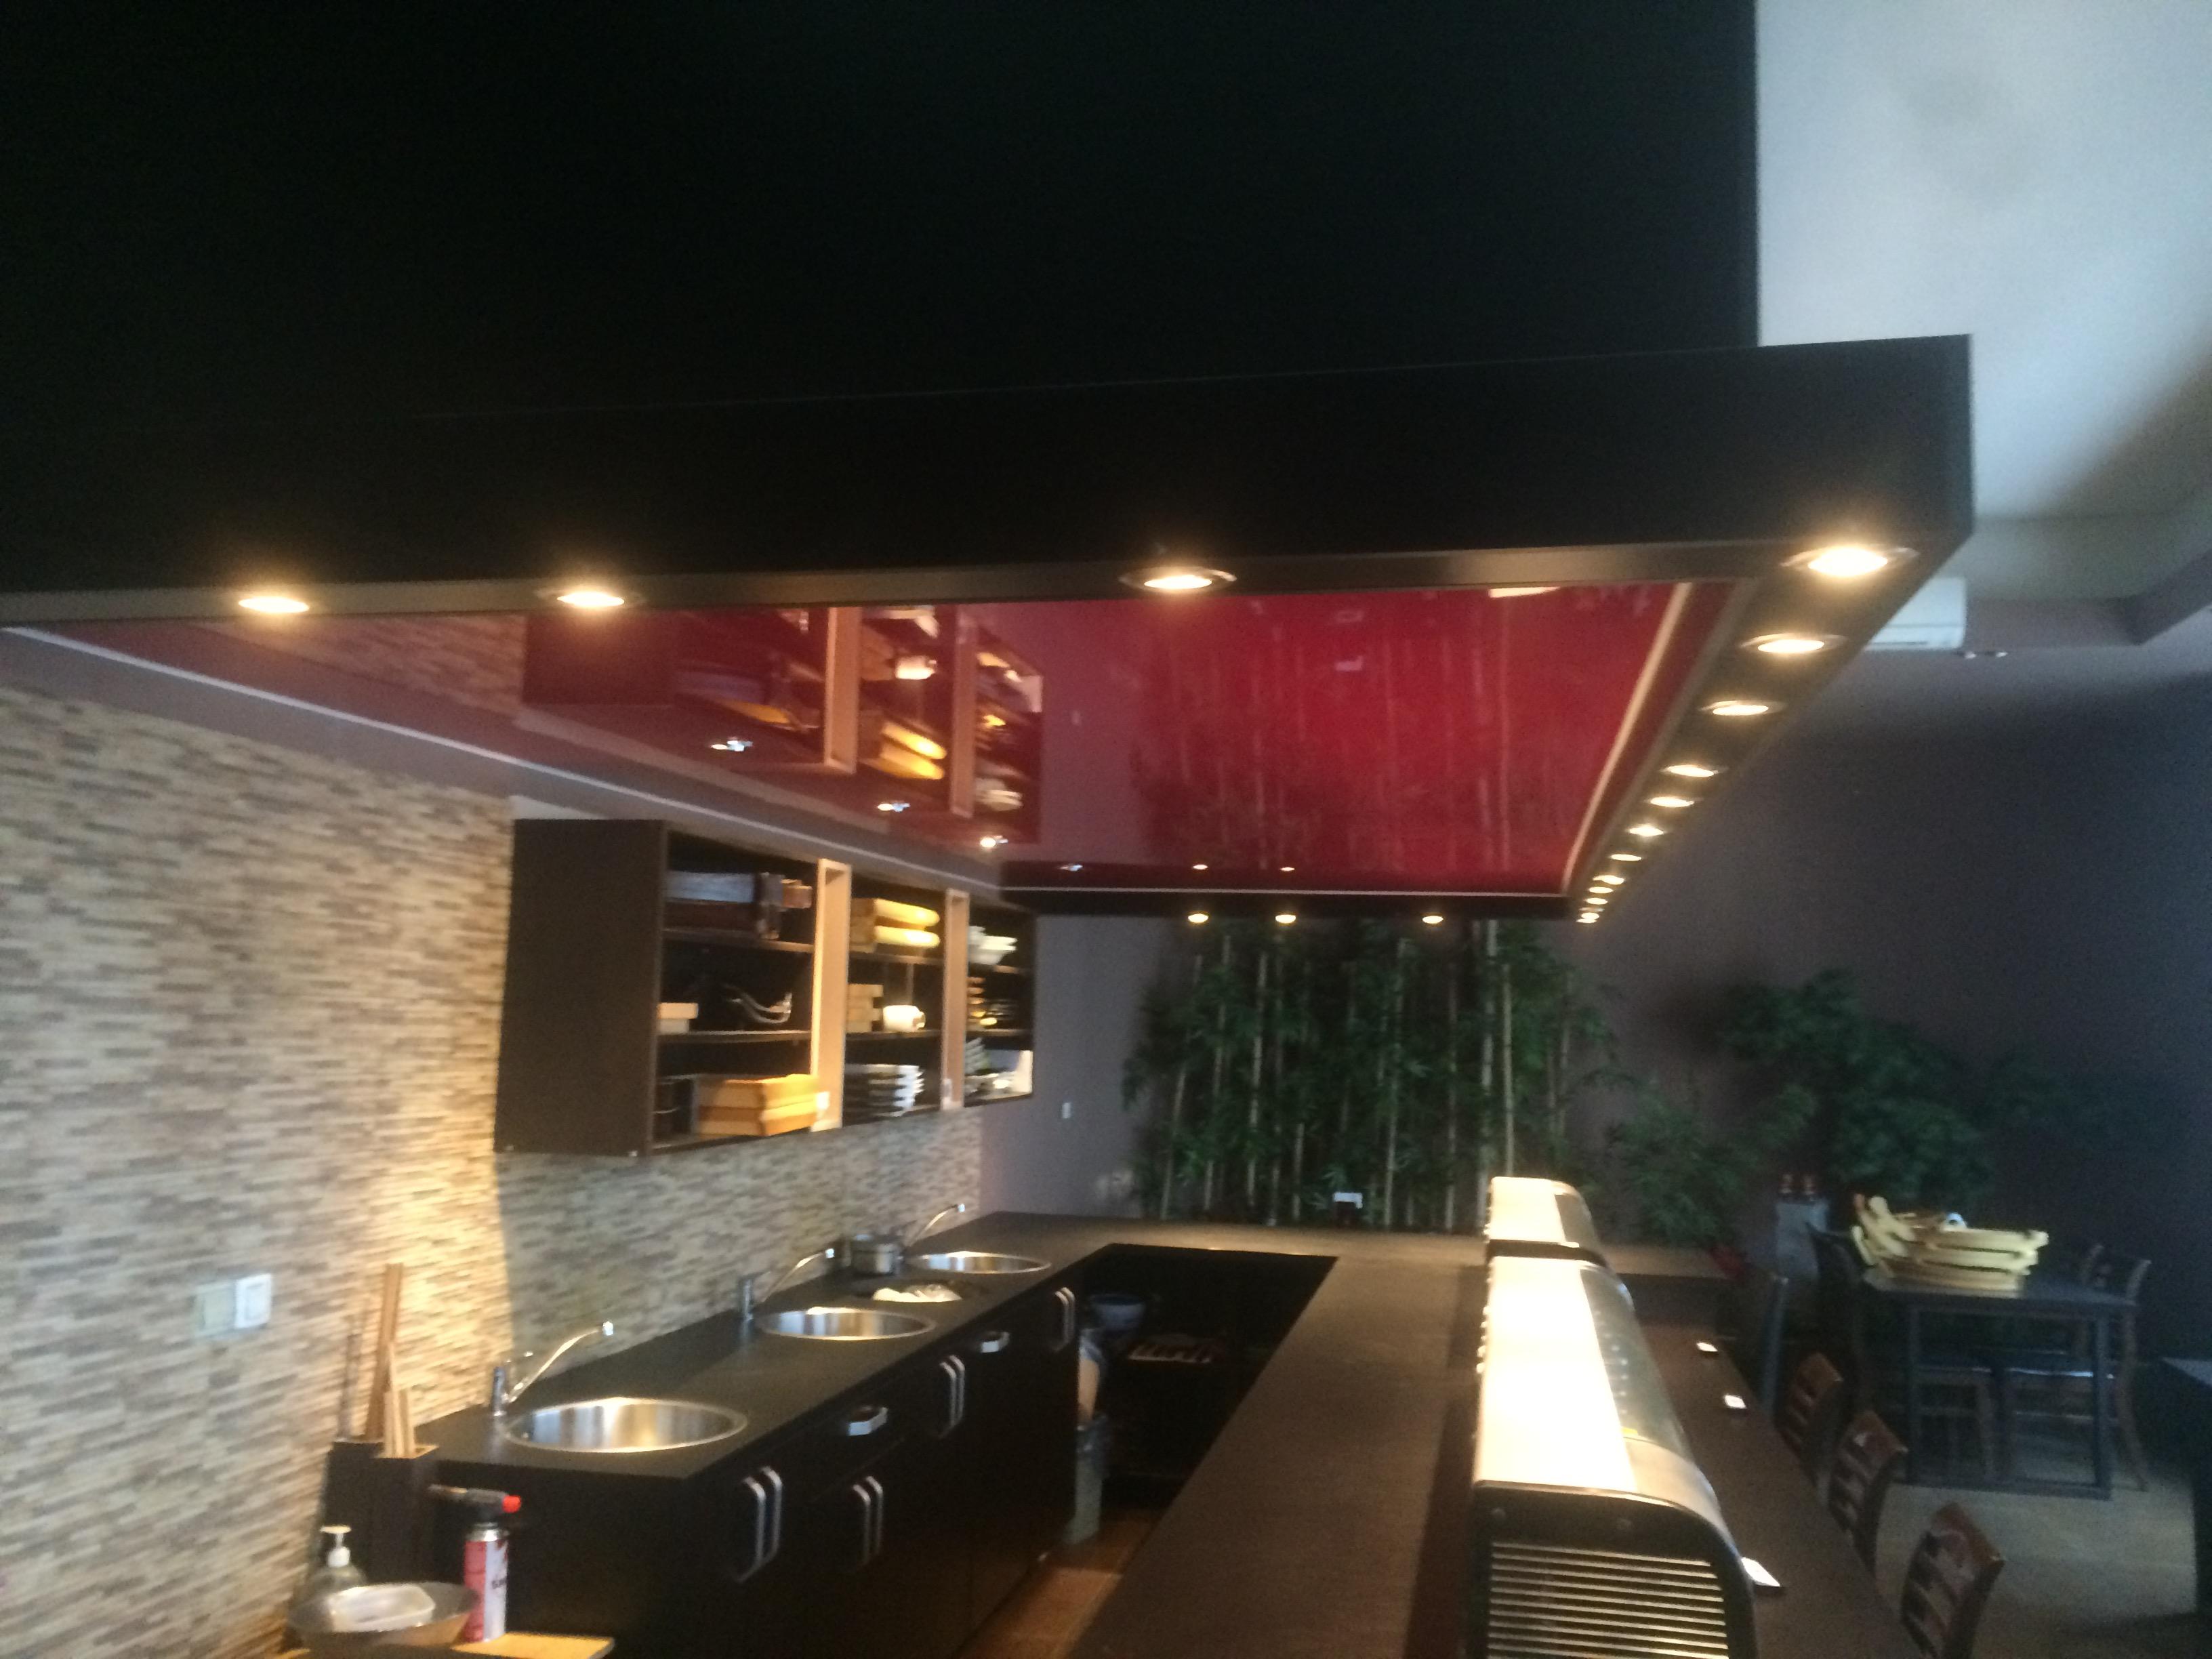 Lesklý stropní podhled v restaurace